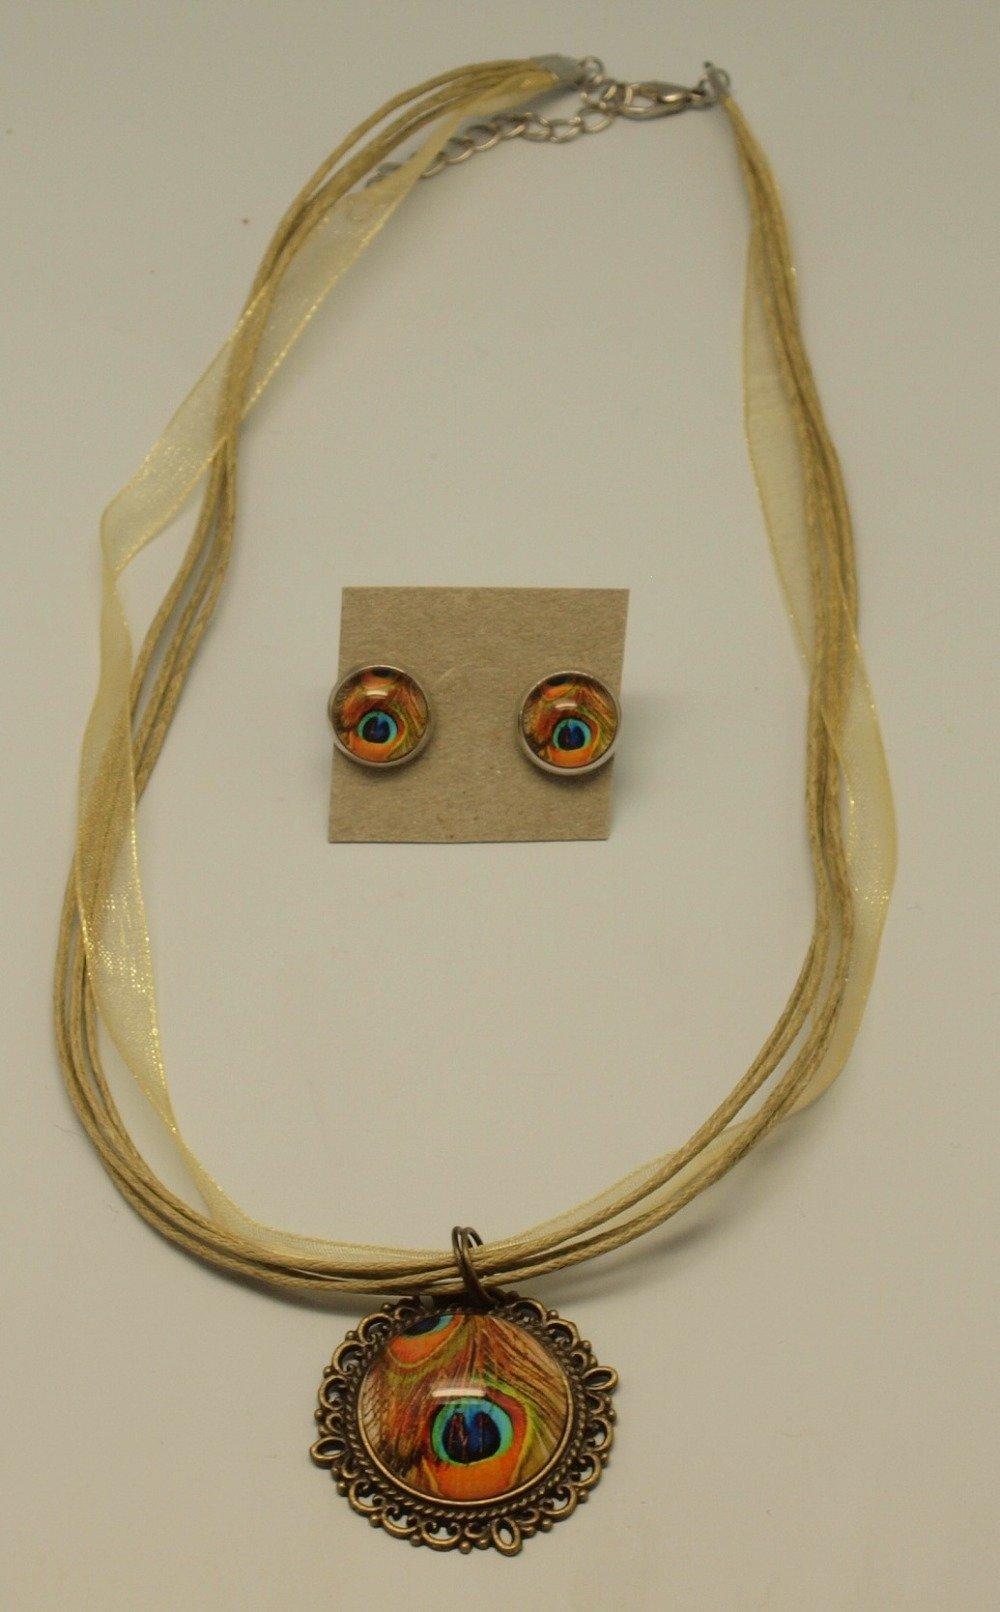 Collier avec cabochon illustré de 20 mm avec motif plume paon ocre